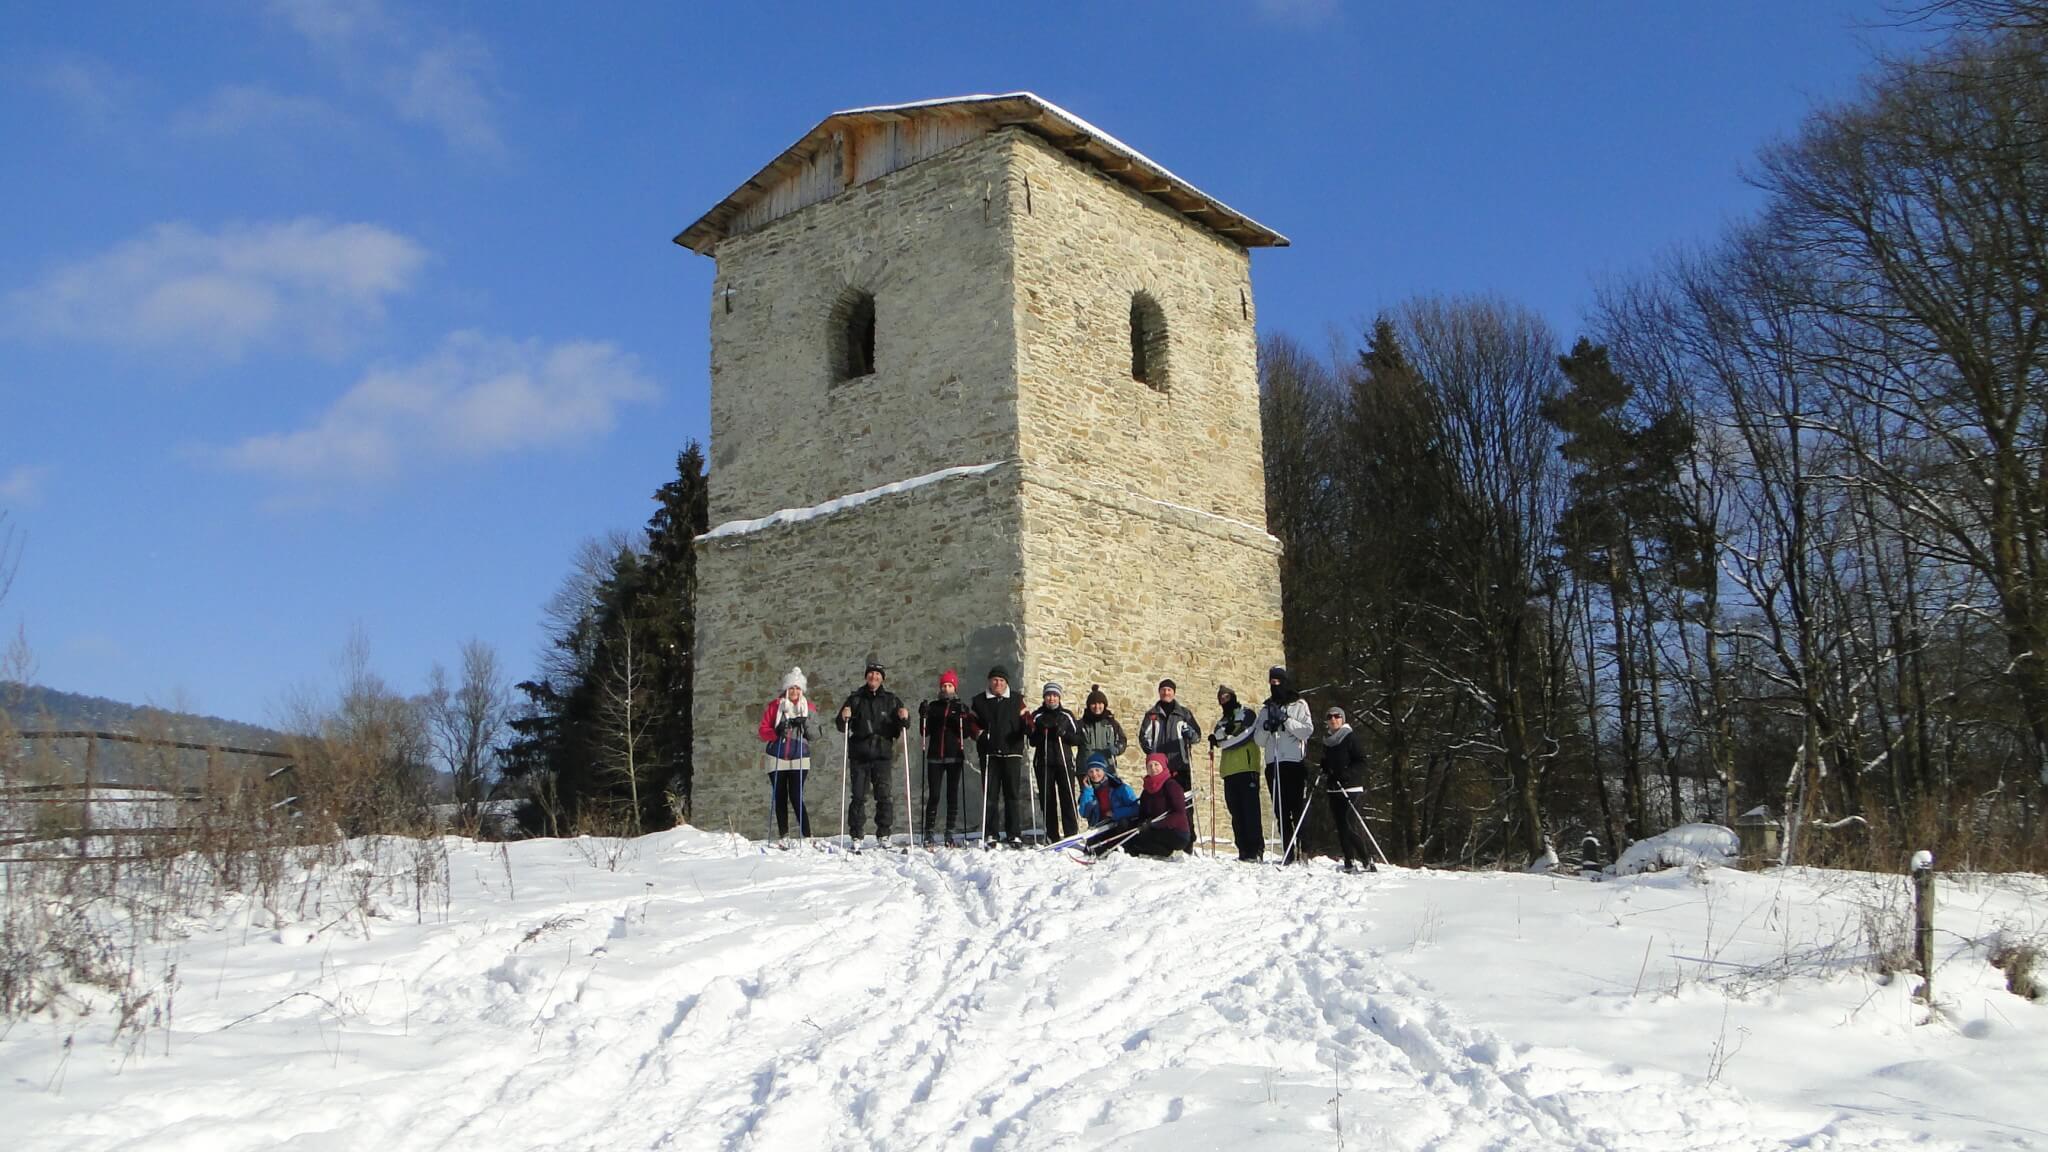 Na nartach doPolan Surowicznych! 2